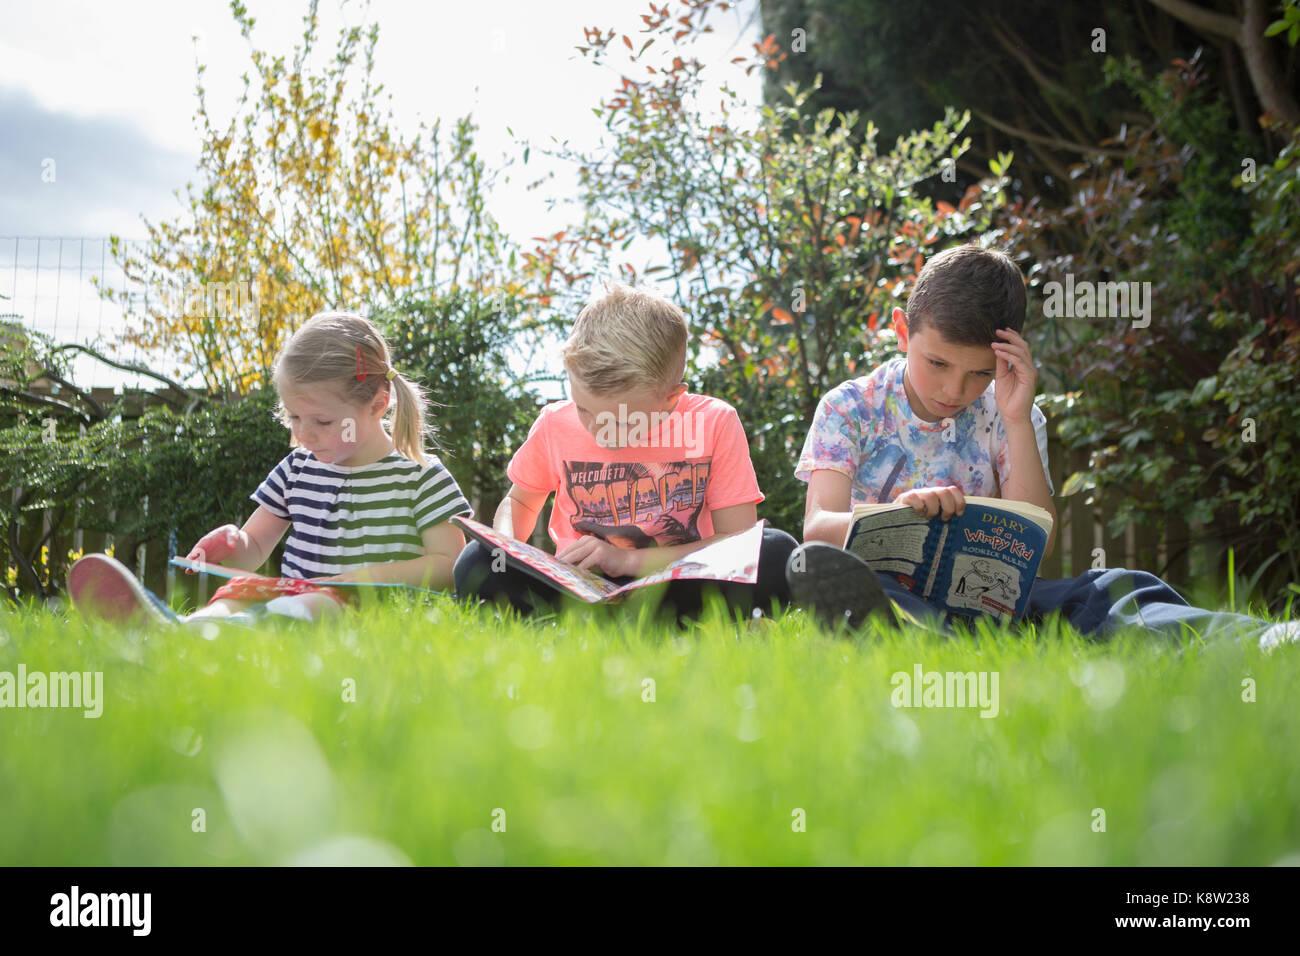 Lettura per bambini in giardino Immagini Stock